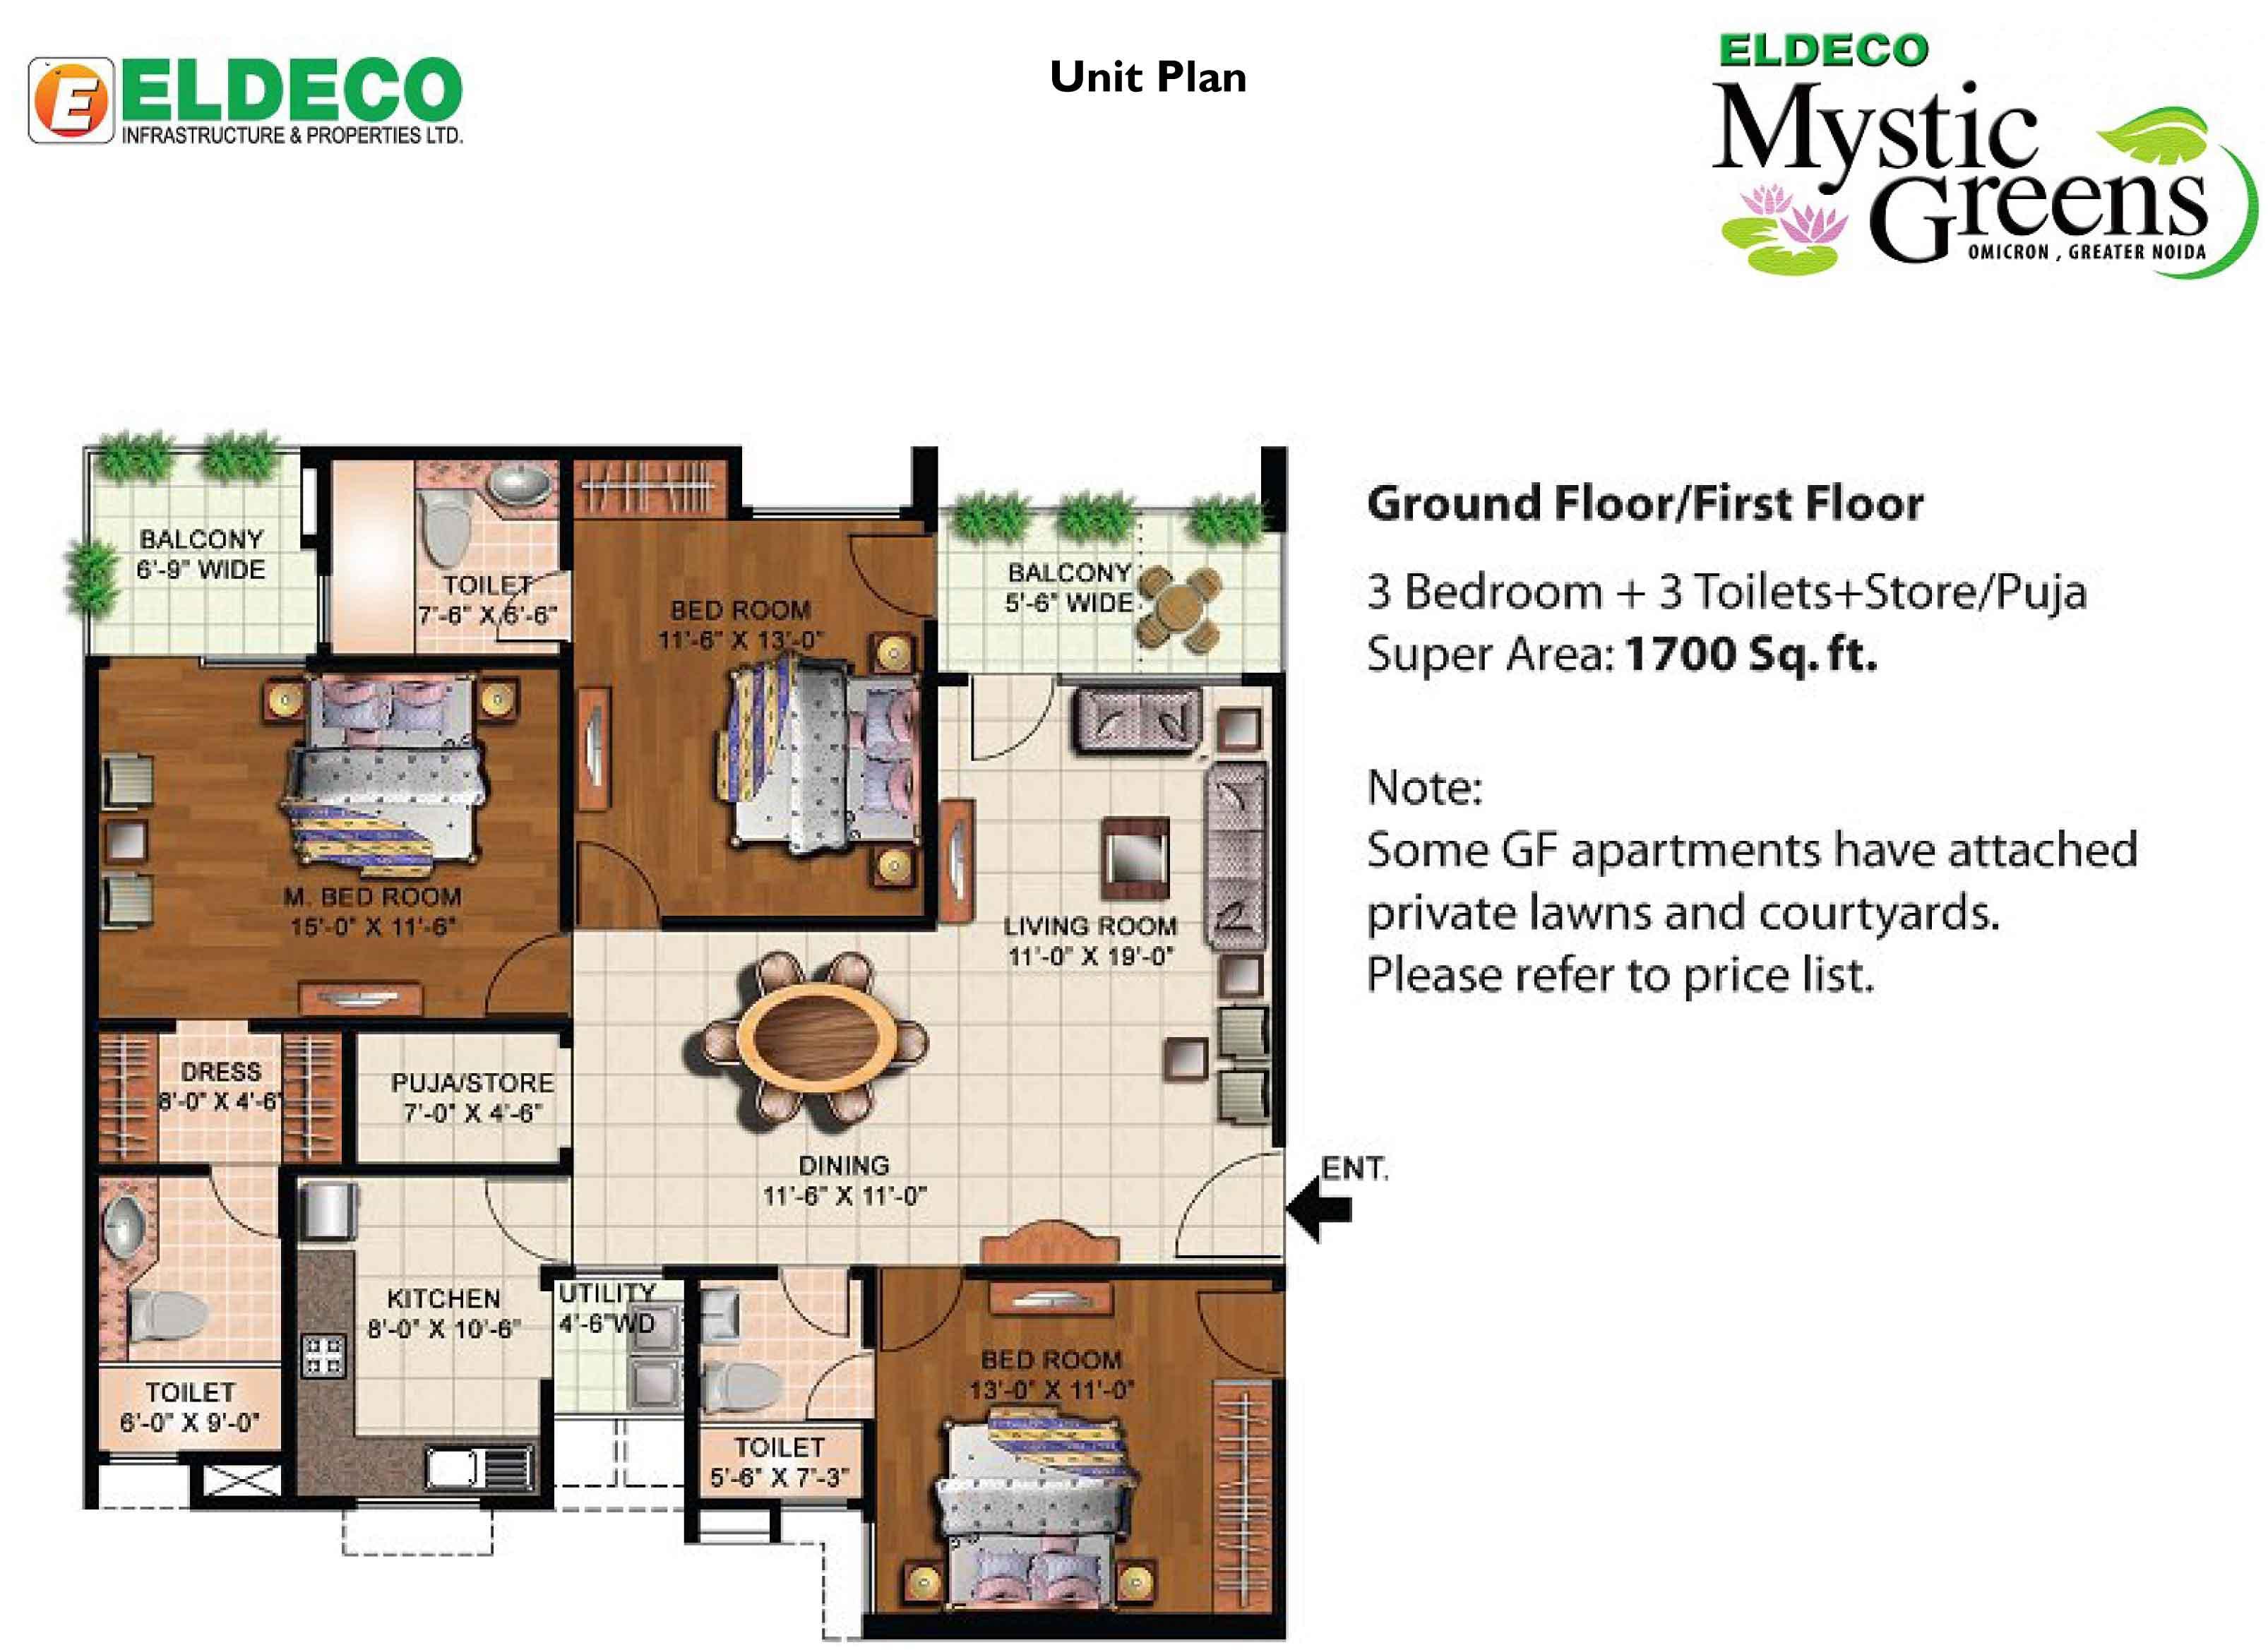 eldeco mystic green floor plan 3bhk+3toilet 1700 sqr ft